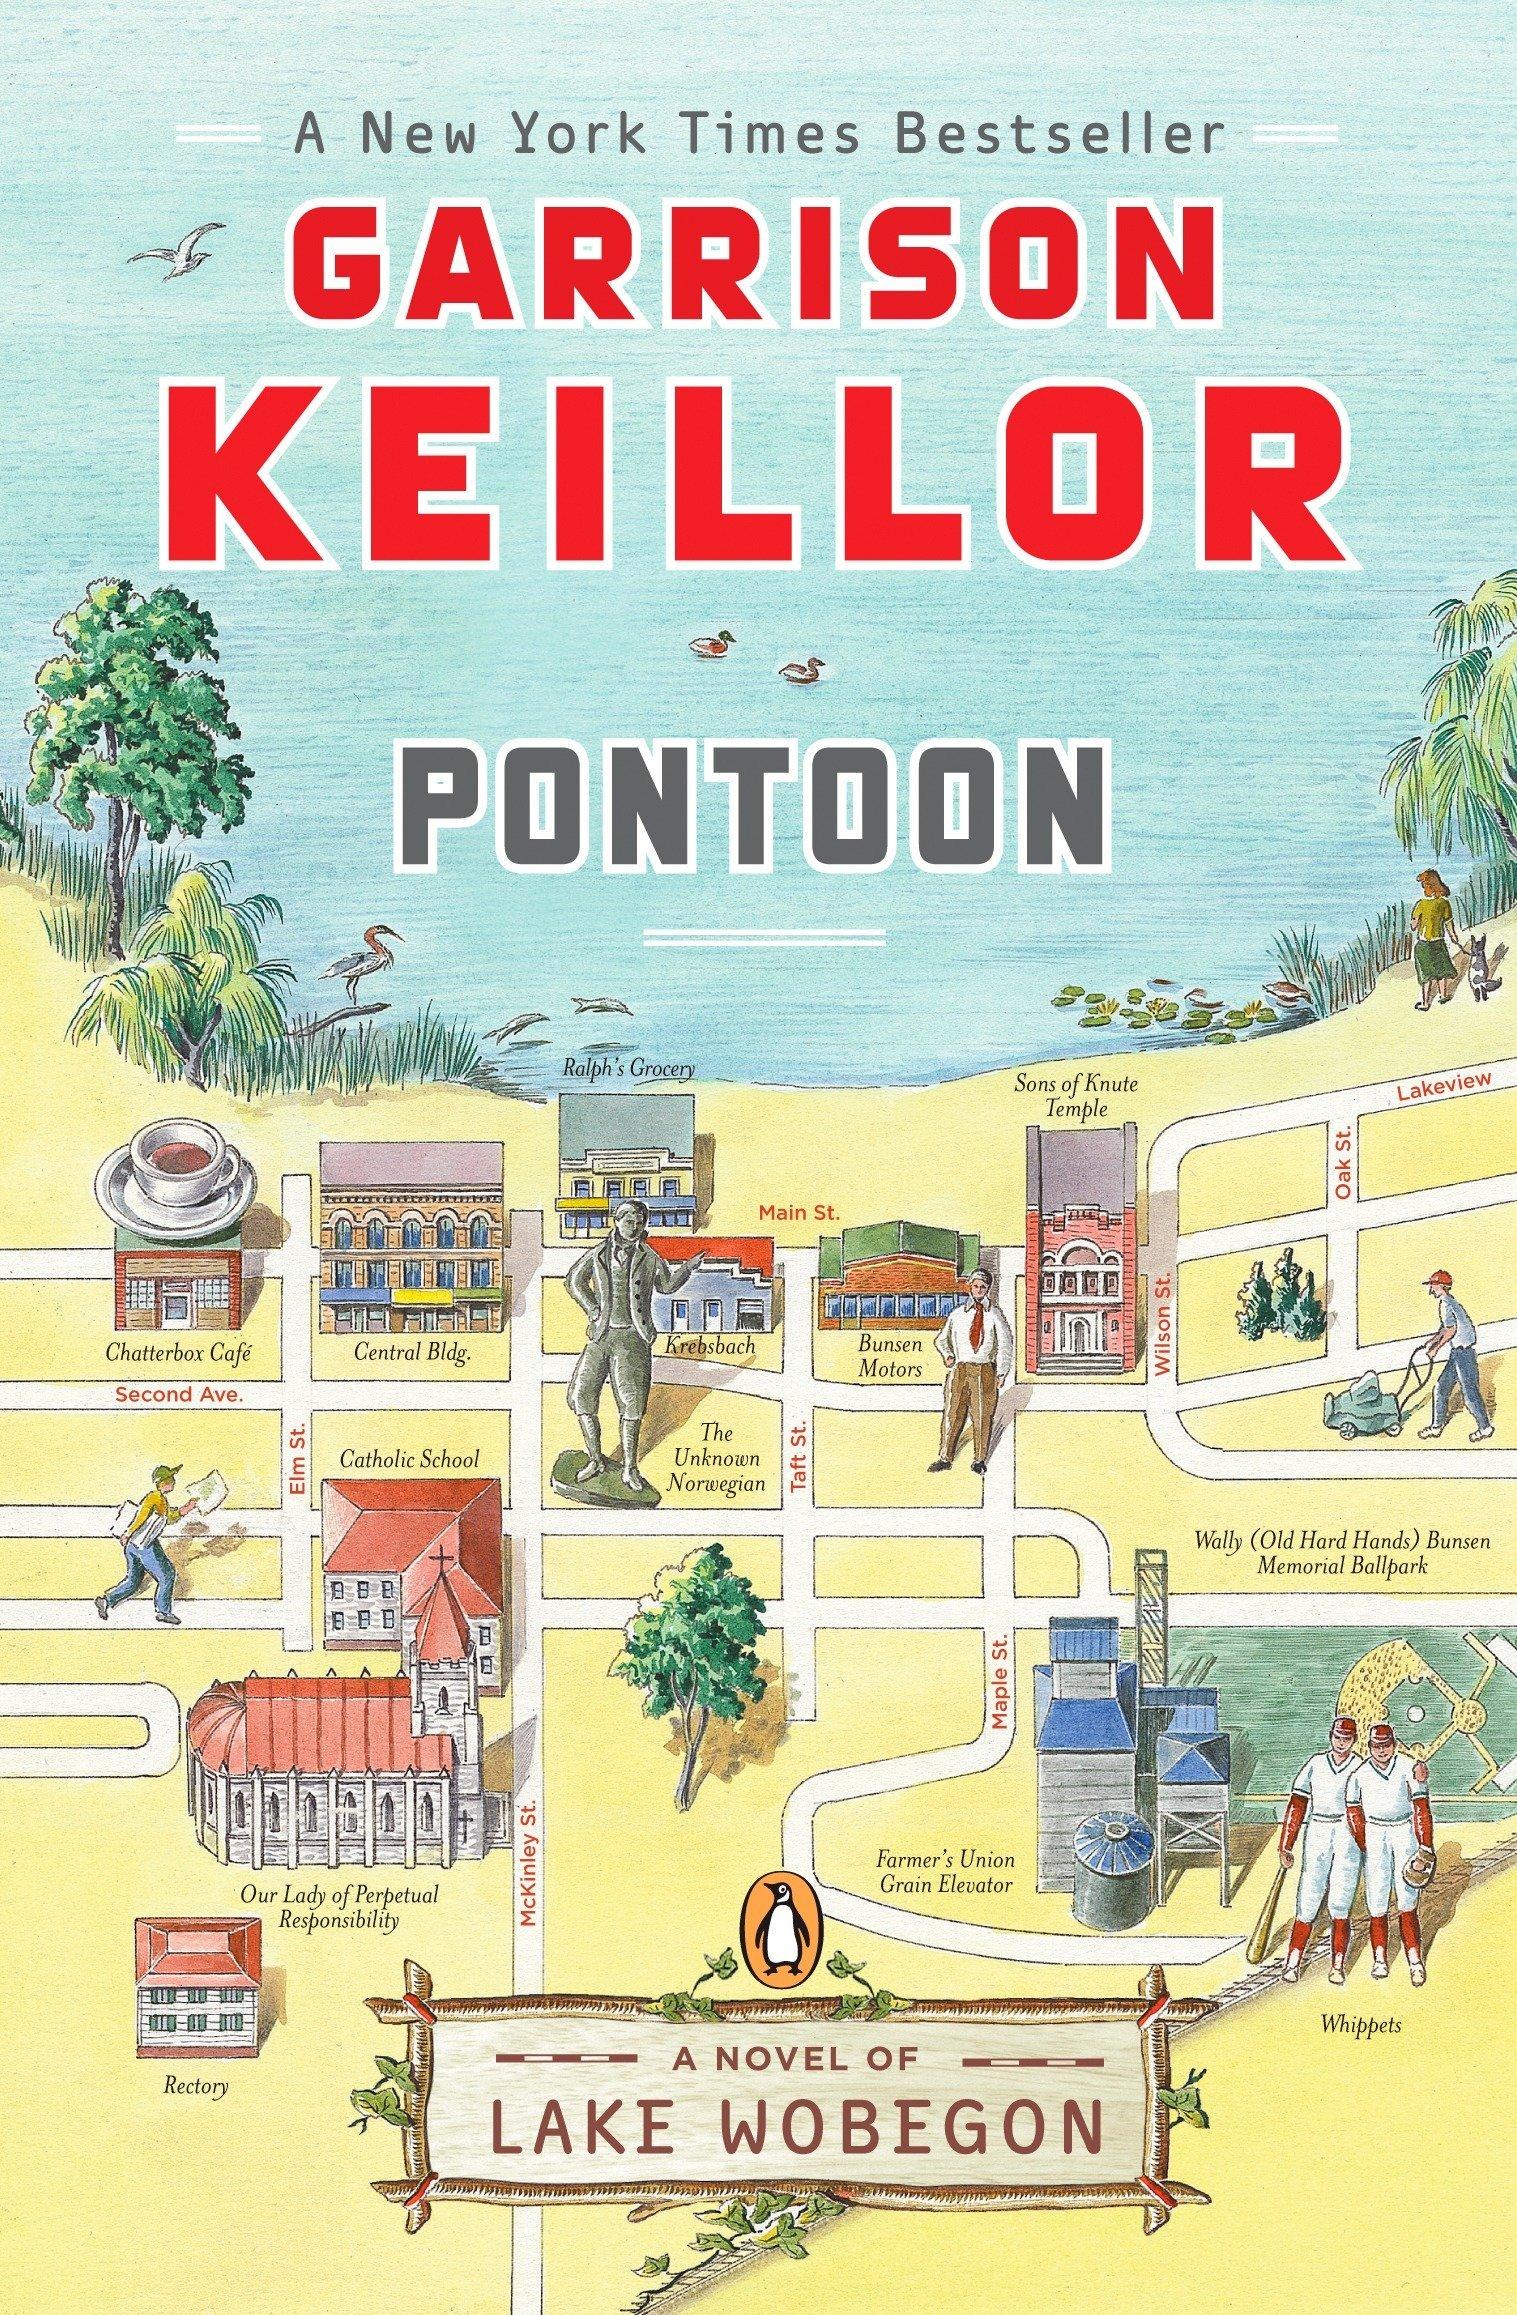 Pontoon: A Novel of Lake Wobegon (Lake Wobegon Novels): Garrison Keillor:  9780143114109: Amazon.com: Books